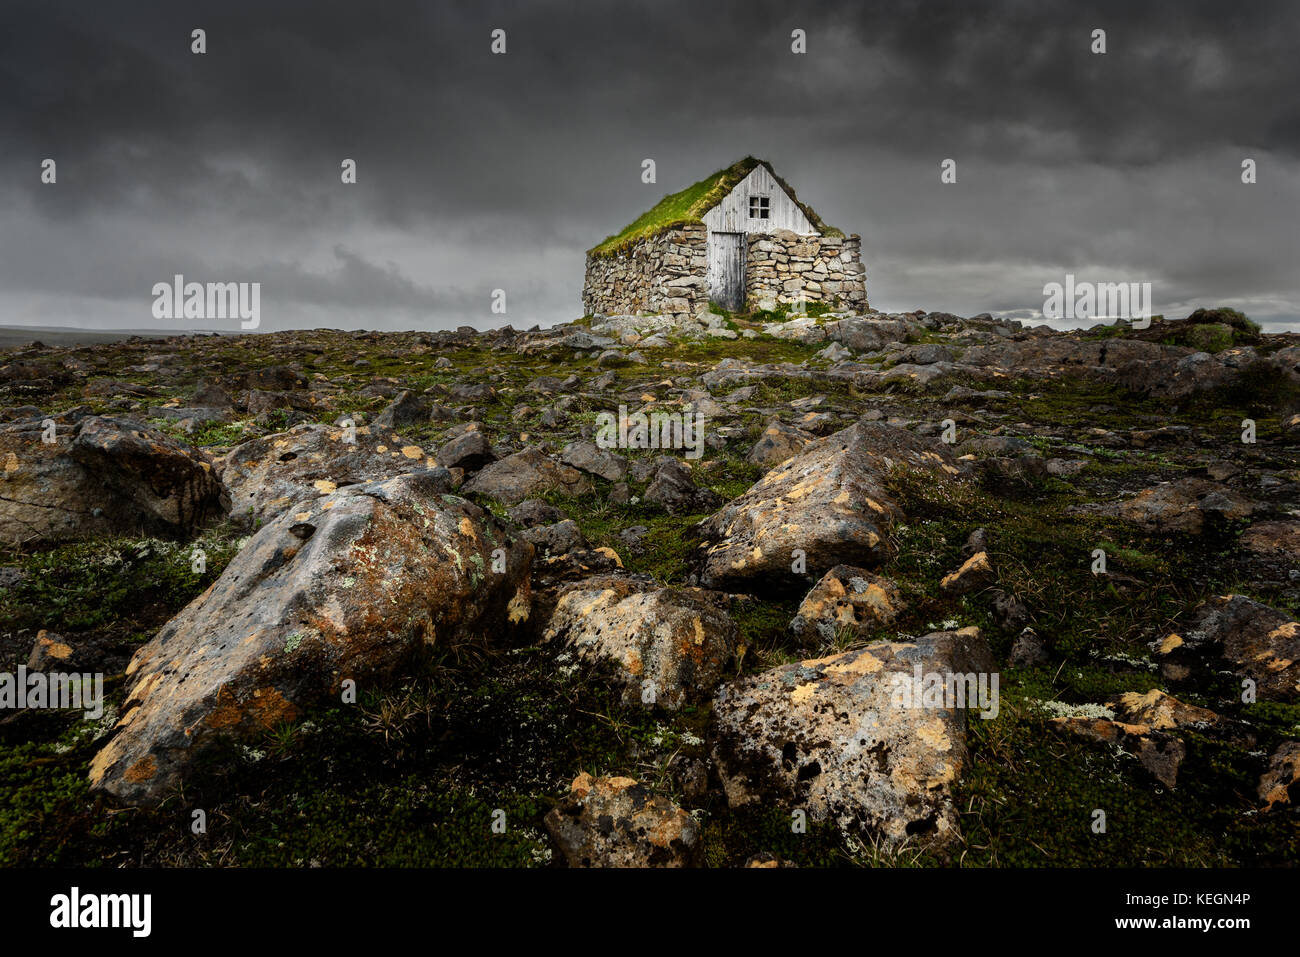 Un rifugio tradionell nel Westfjords dell Islanda. Immagini Stock